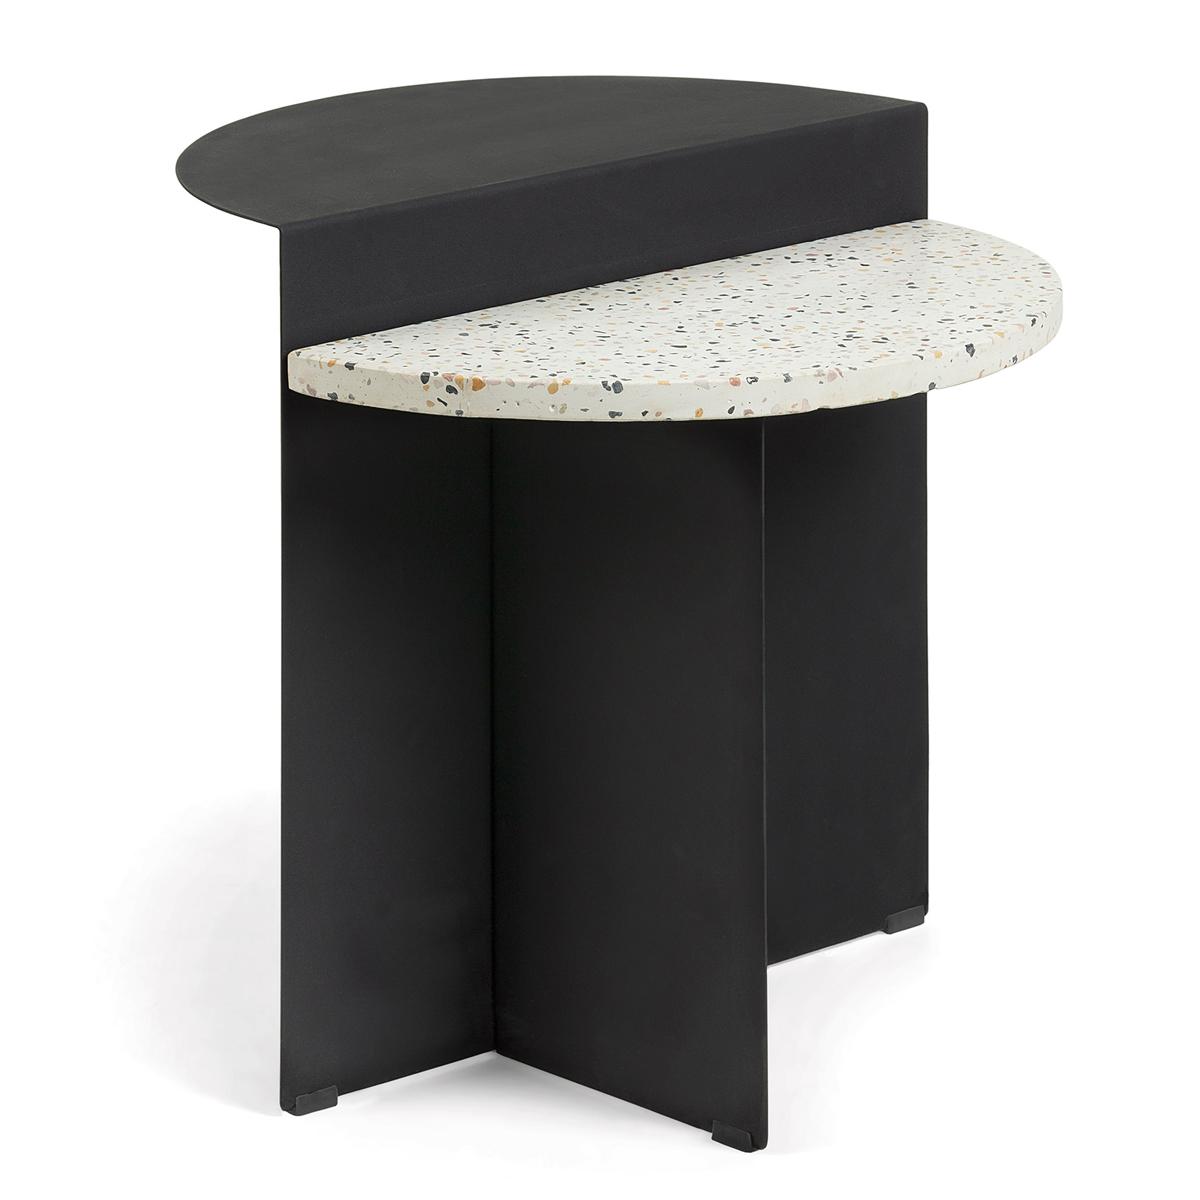 Table d'appoint à 2 niveaux - Noir - H 50 x Ø 50 cm